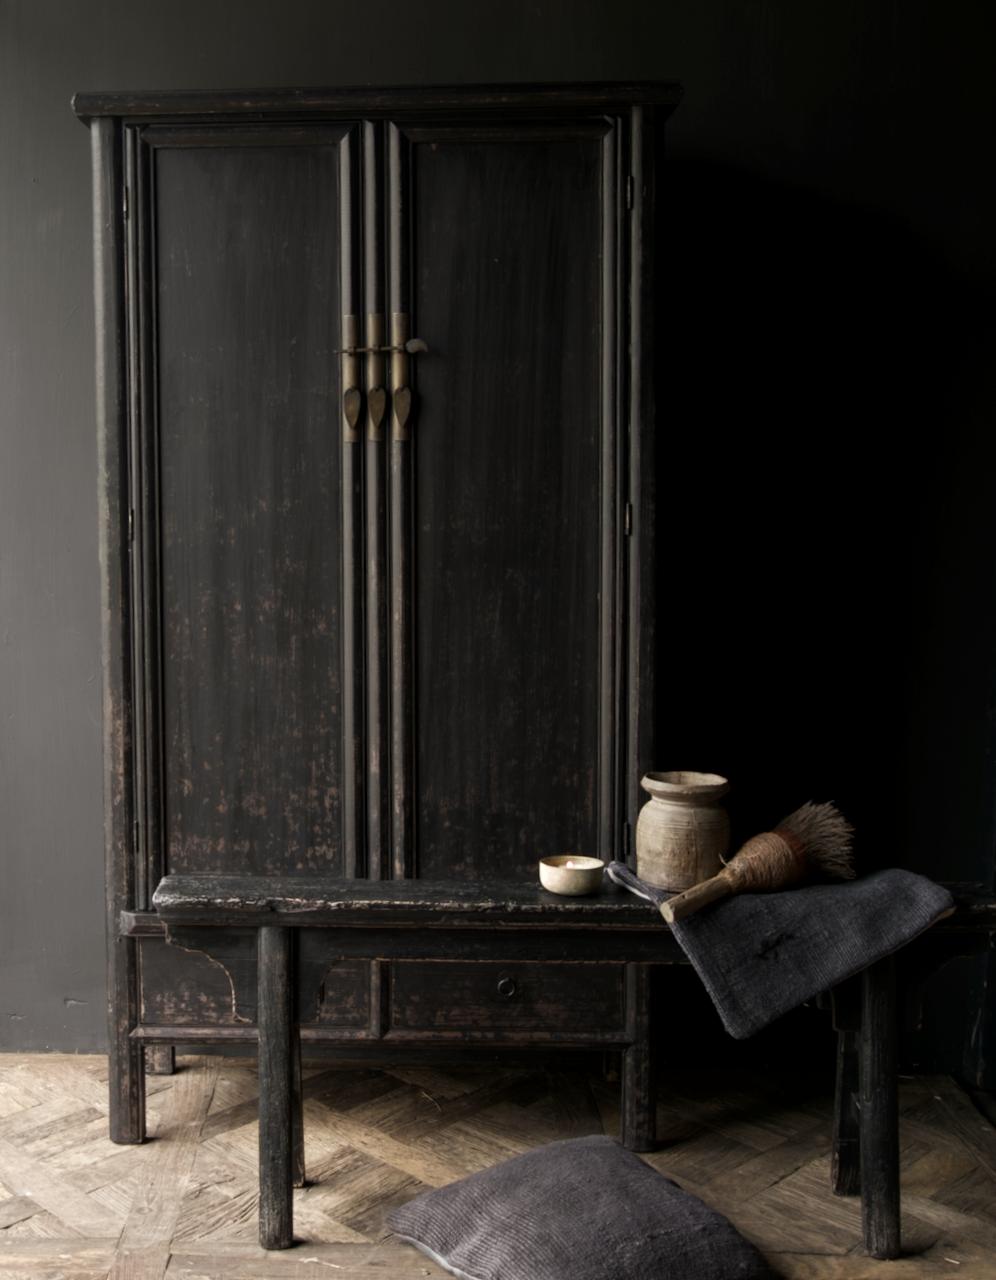 Schöner Tough Rural alter Holzschrank mit zwei Türen-6